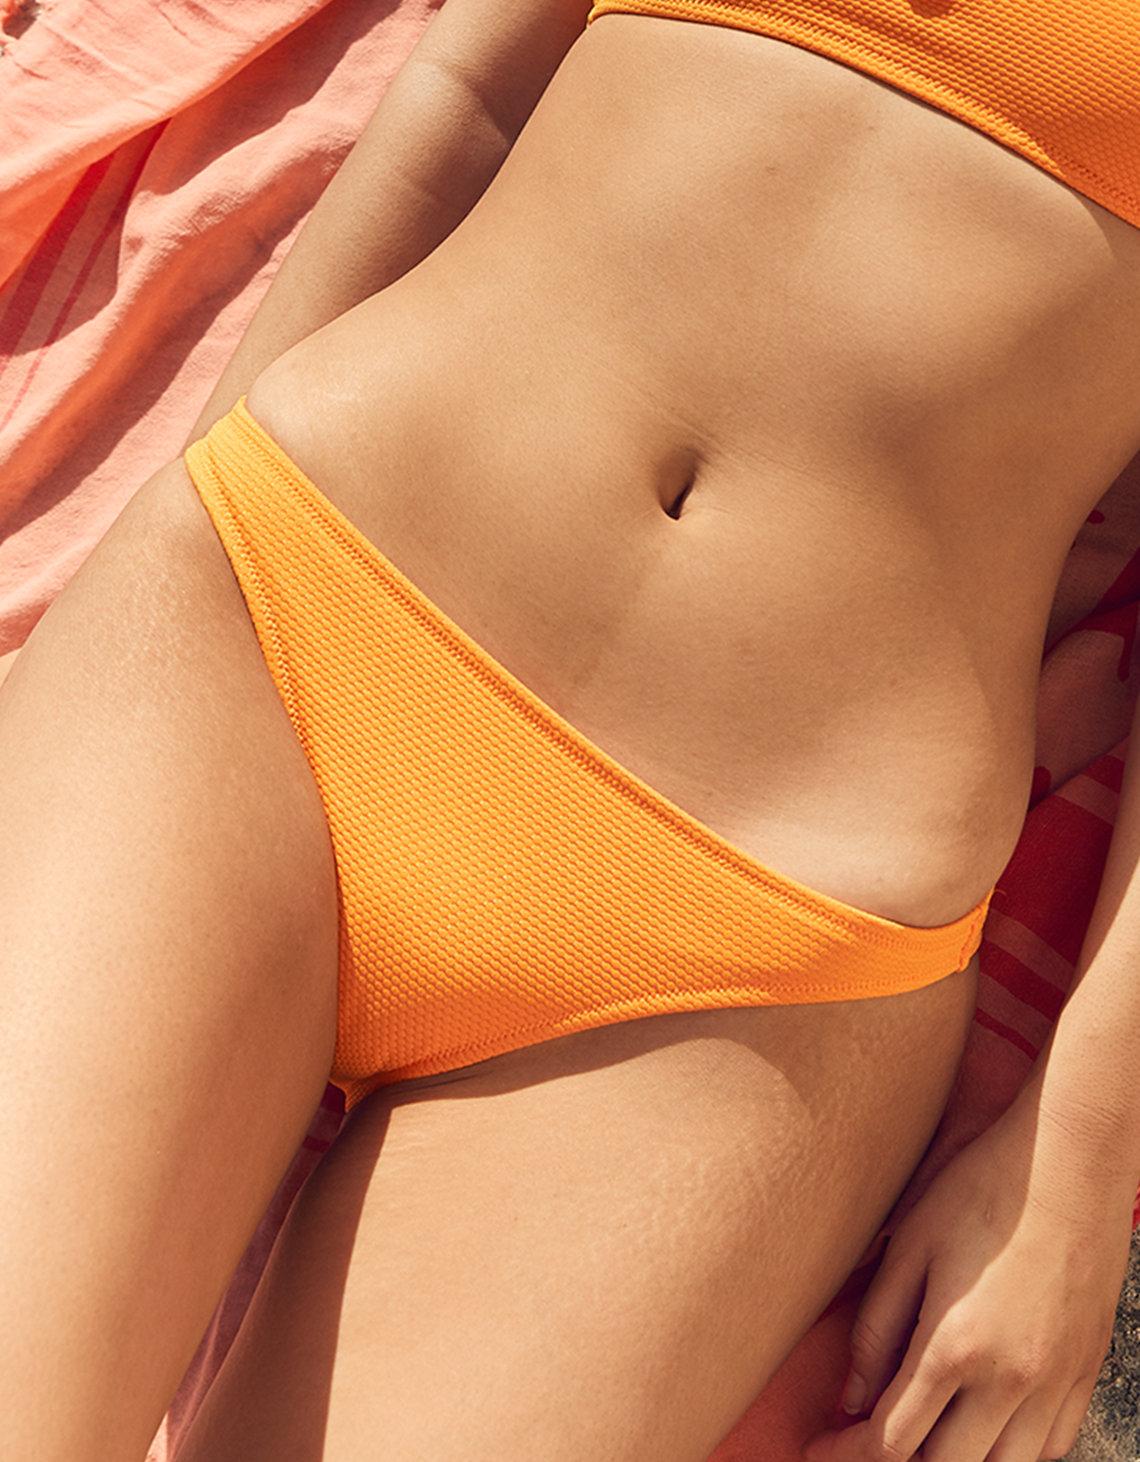 b7017dffcb8 Aerie Pique Cheeky Bikini Bottom